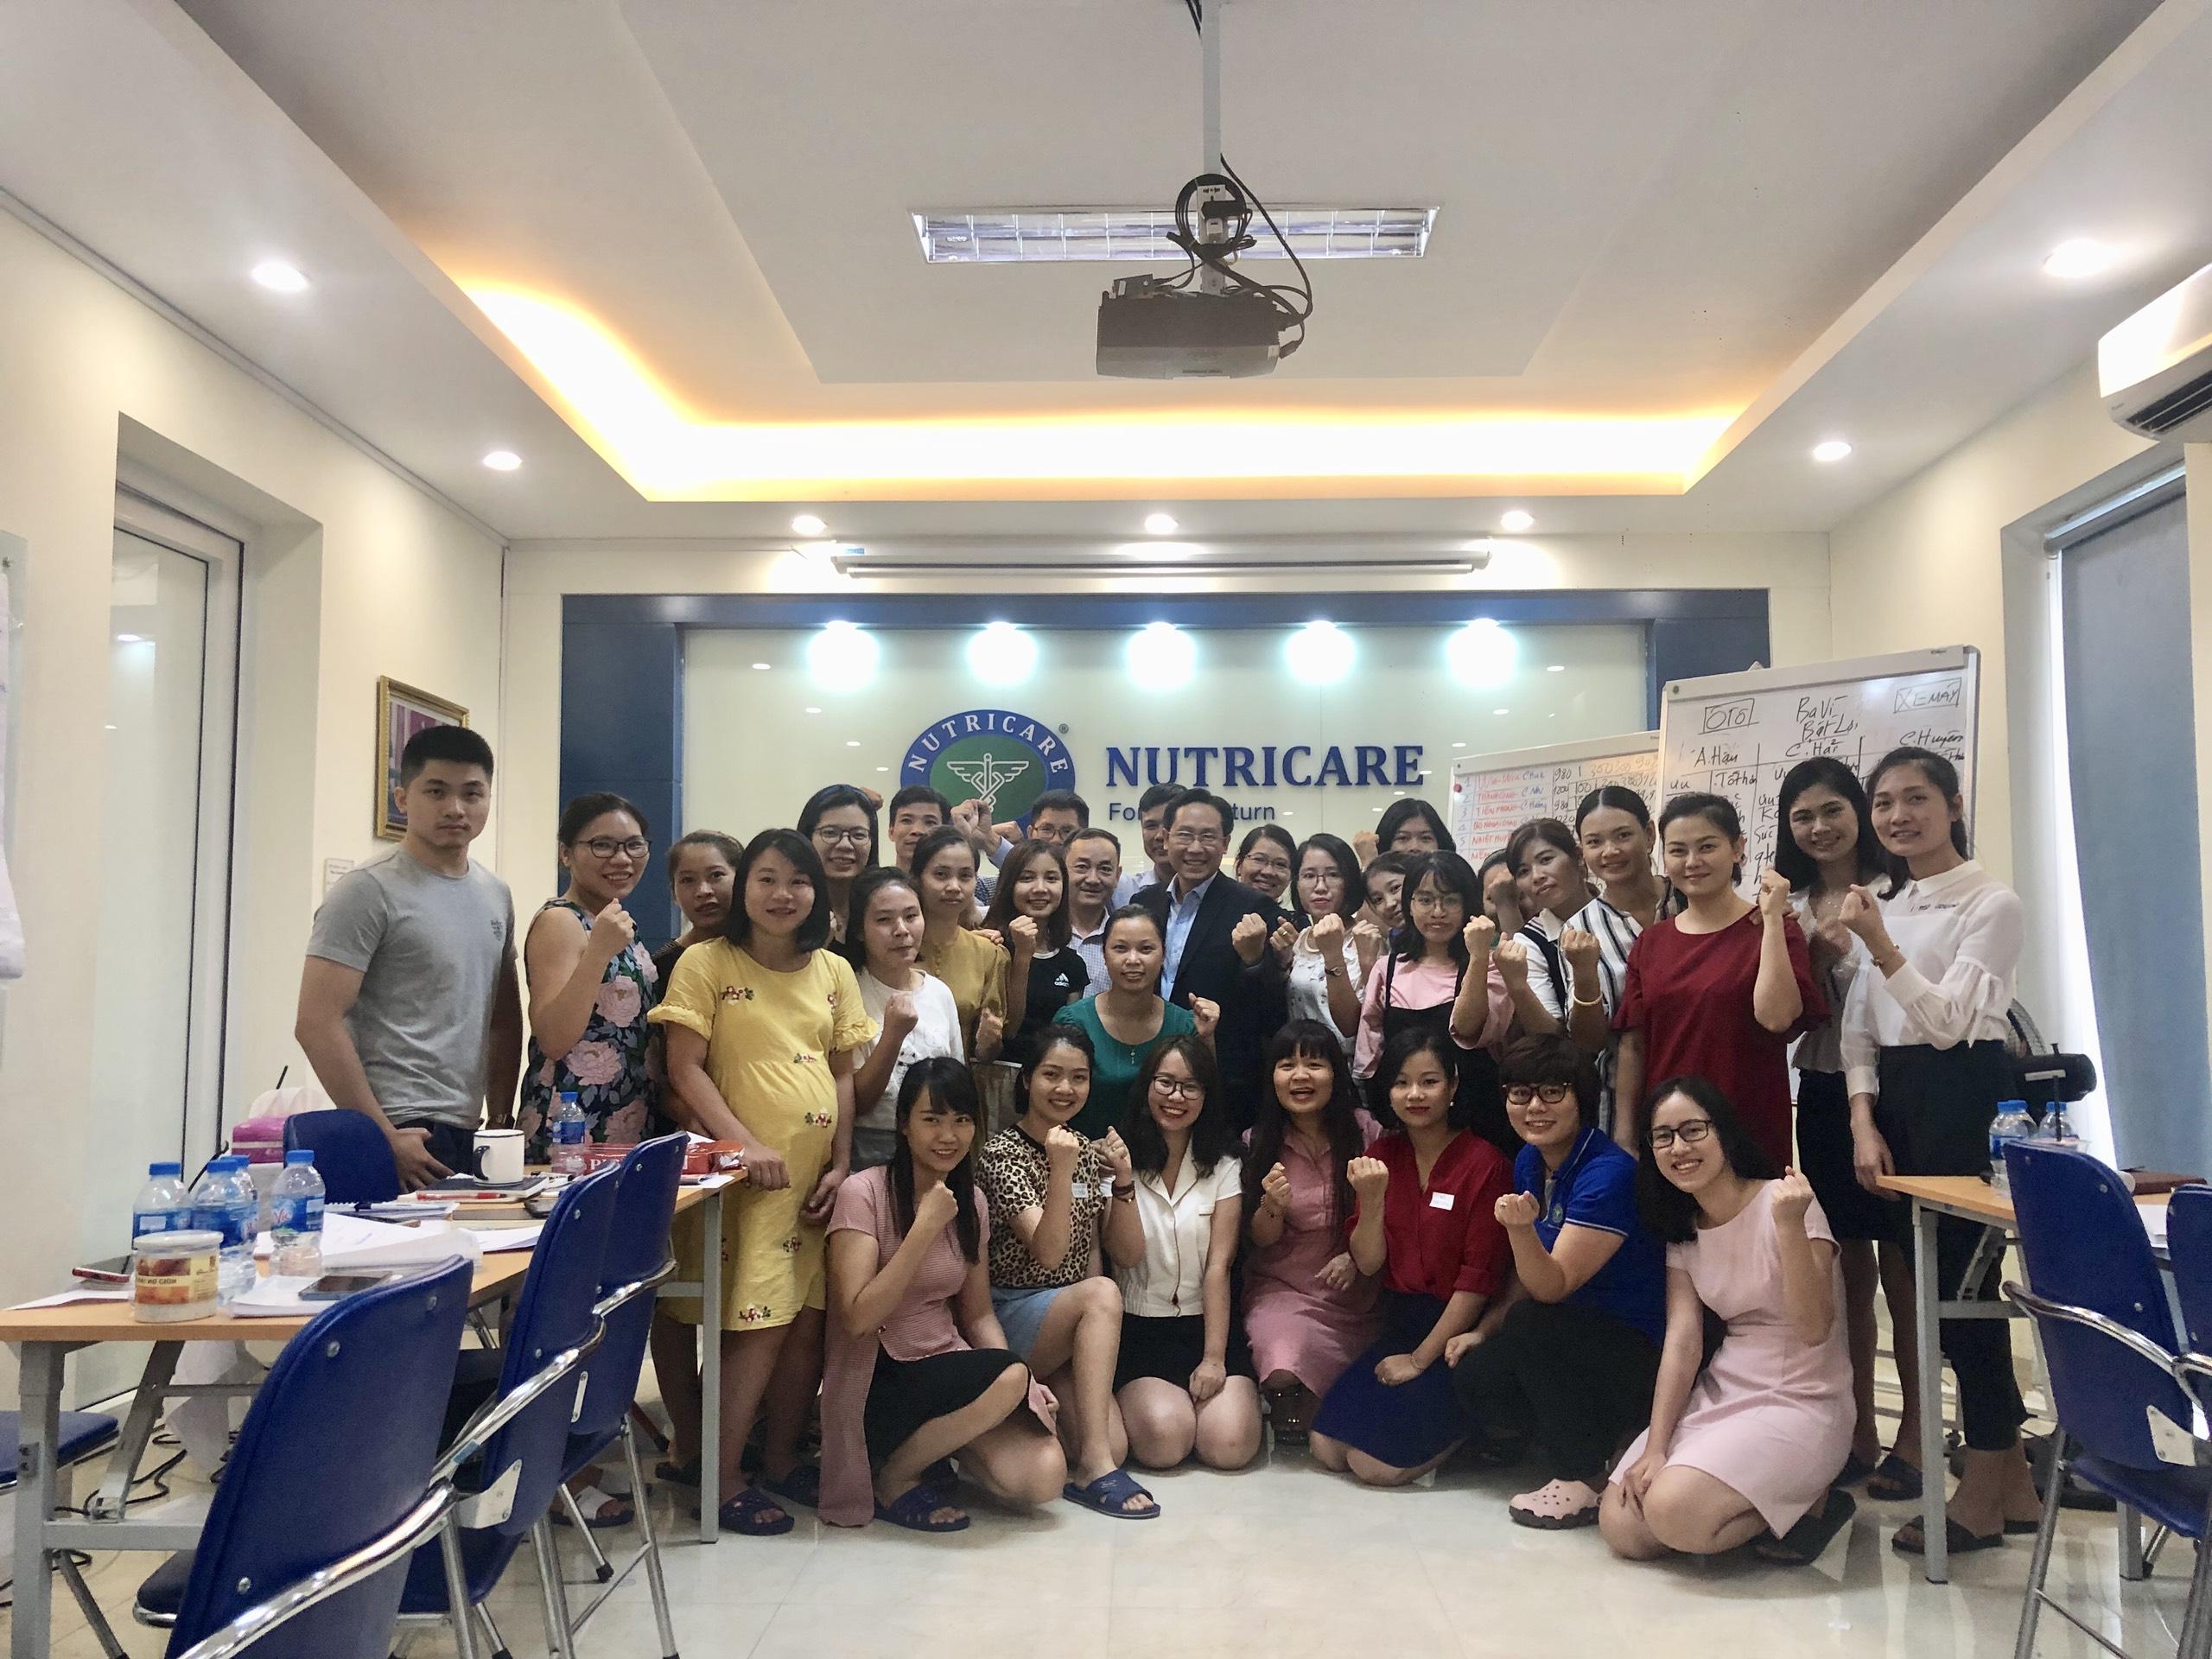 Chương Trình đào tạo kỹ năng đàm phán thương lượng hiệu quả cho Công Ty Cổ Phần Dinh Dưỡng Nutricare Tại Hà Nội